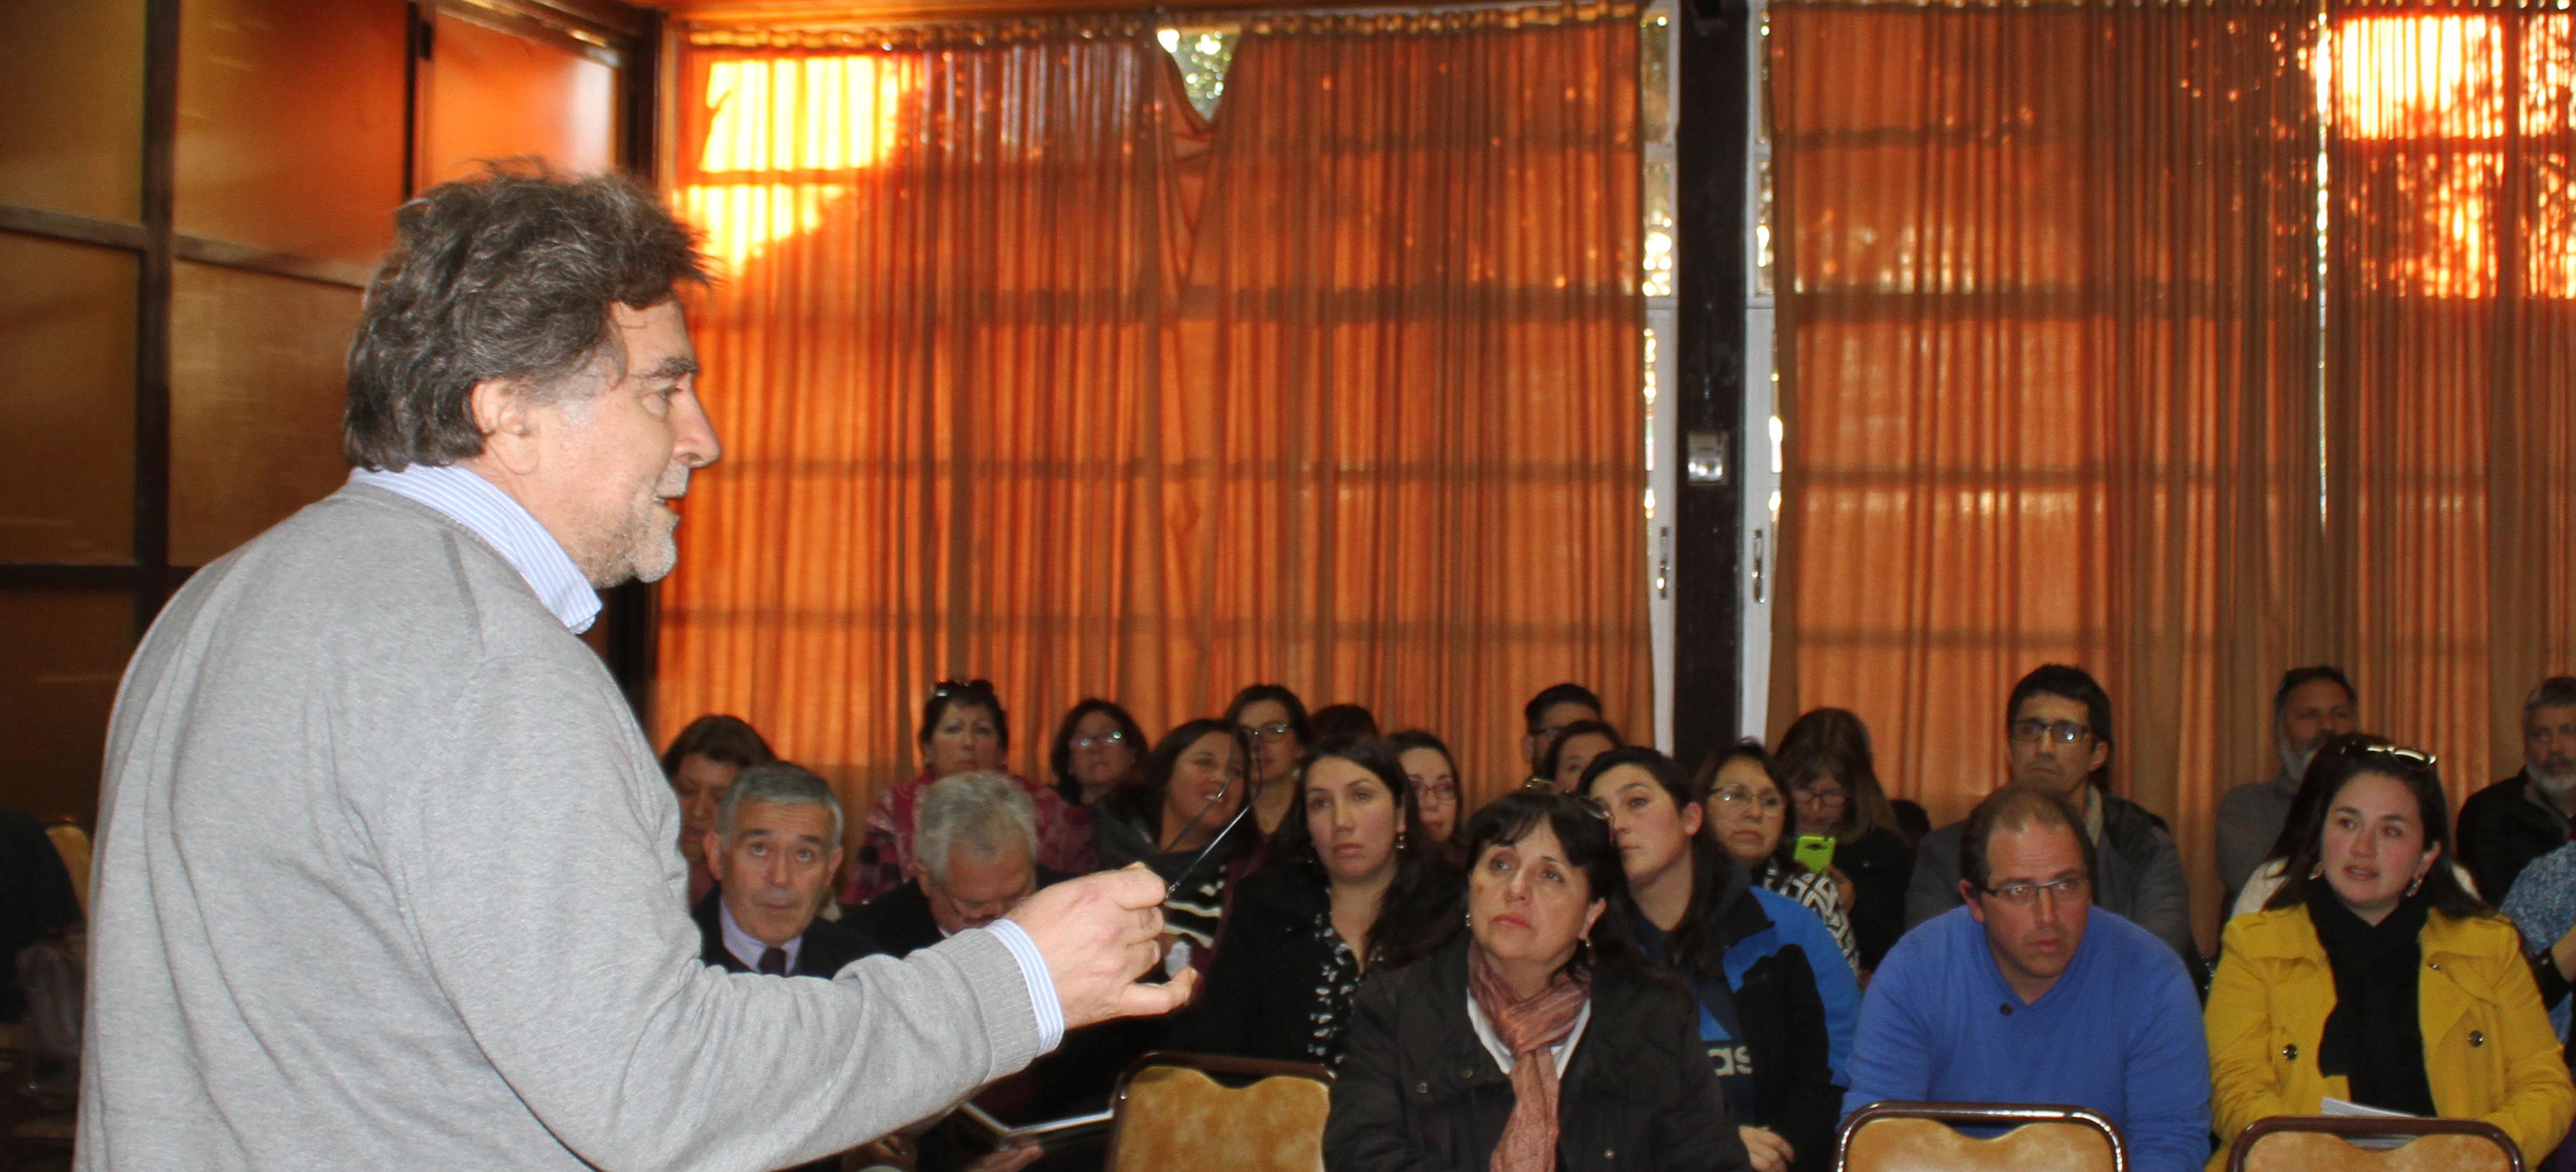 Directores de establecimientos de Rengo conocen en profundidad el proyecto ARPA